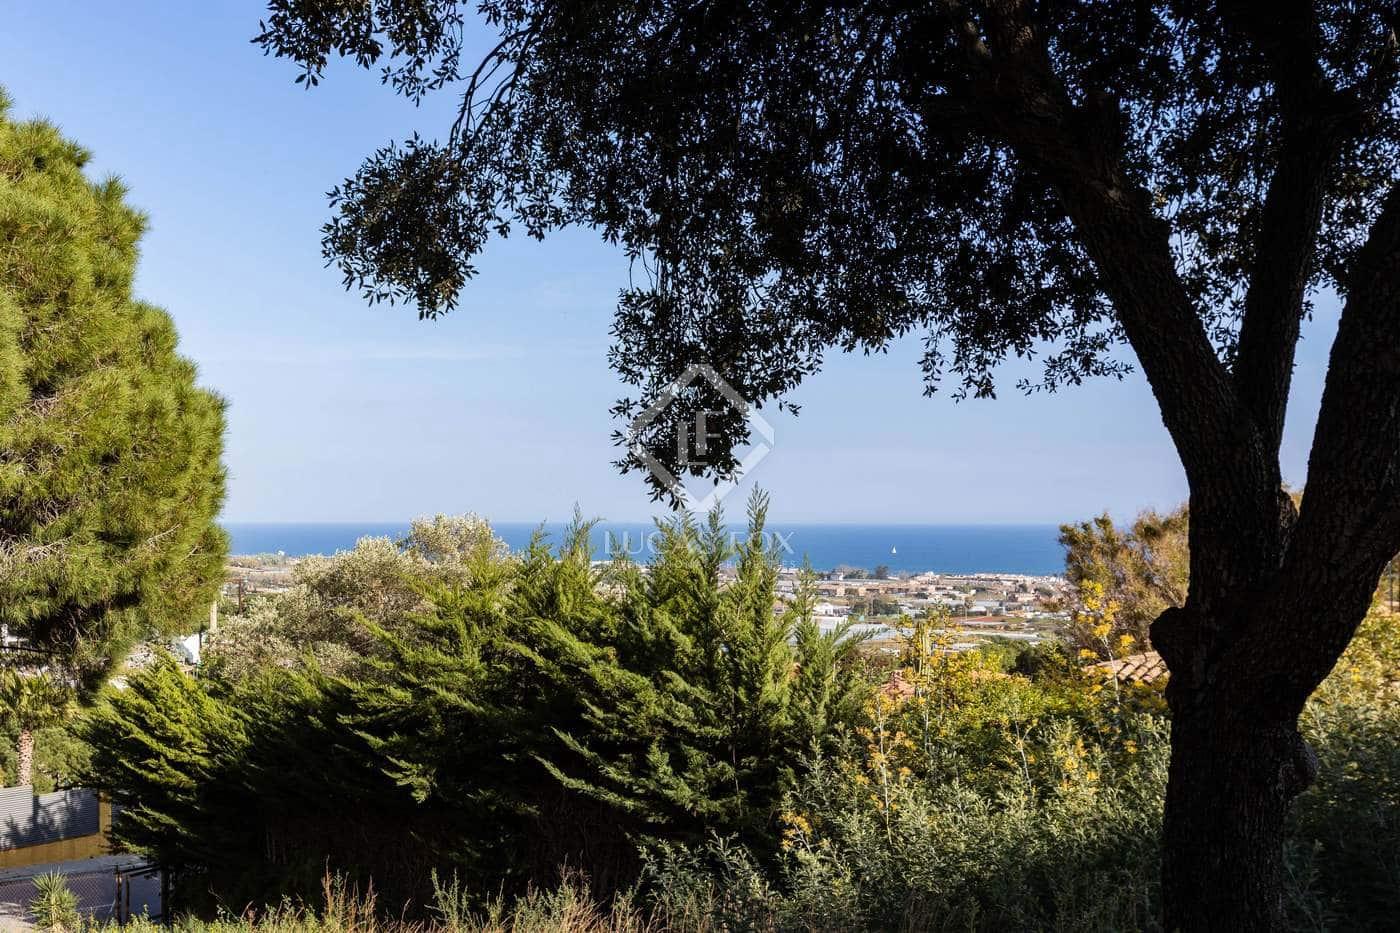 Terrain à Bâtir à vendre à Vilassar de Mar - 500 000 € (Ref: 5976564)